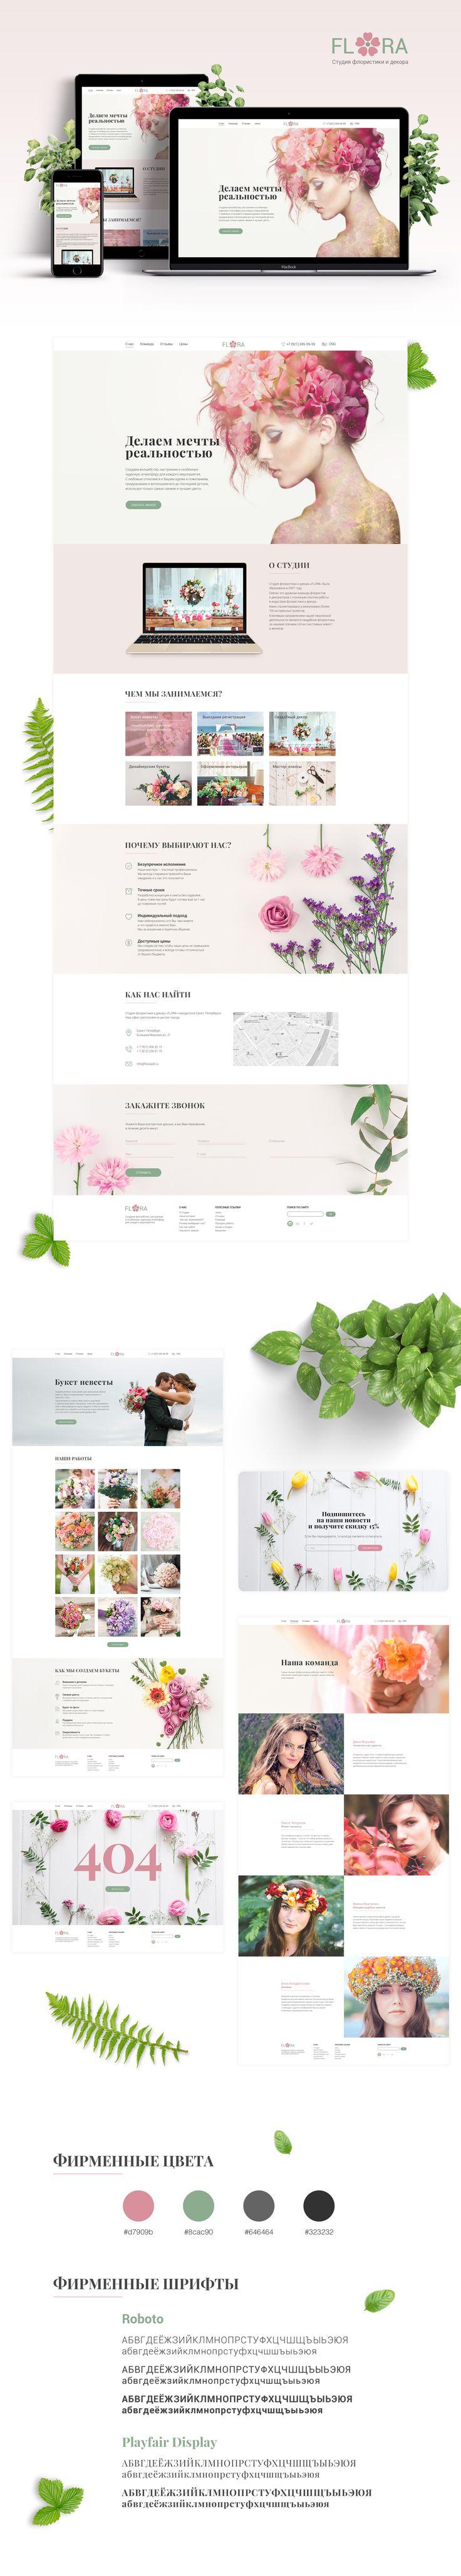 """Ознакомьтесь с этим проектом @Behance: «Дизайн сайта студии флористики и декора """"Flora""""» https://www.behance.net/gallery/54279541/dizajn-sajta-studii-floristiki-i-dekora-Flora"""